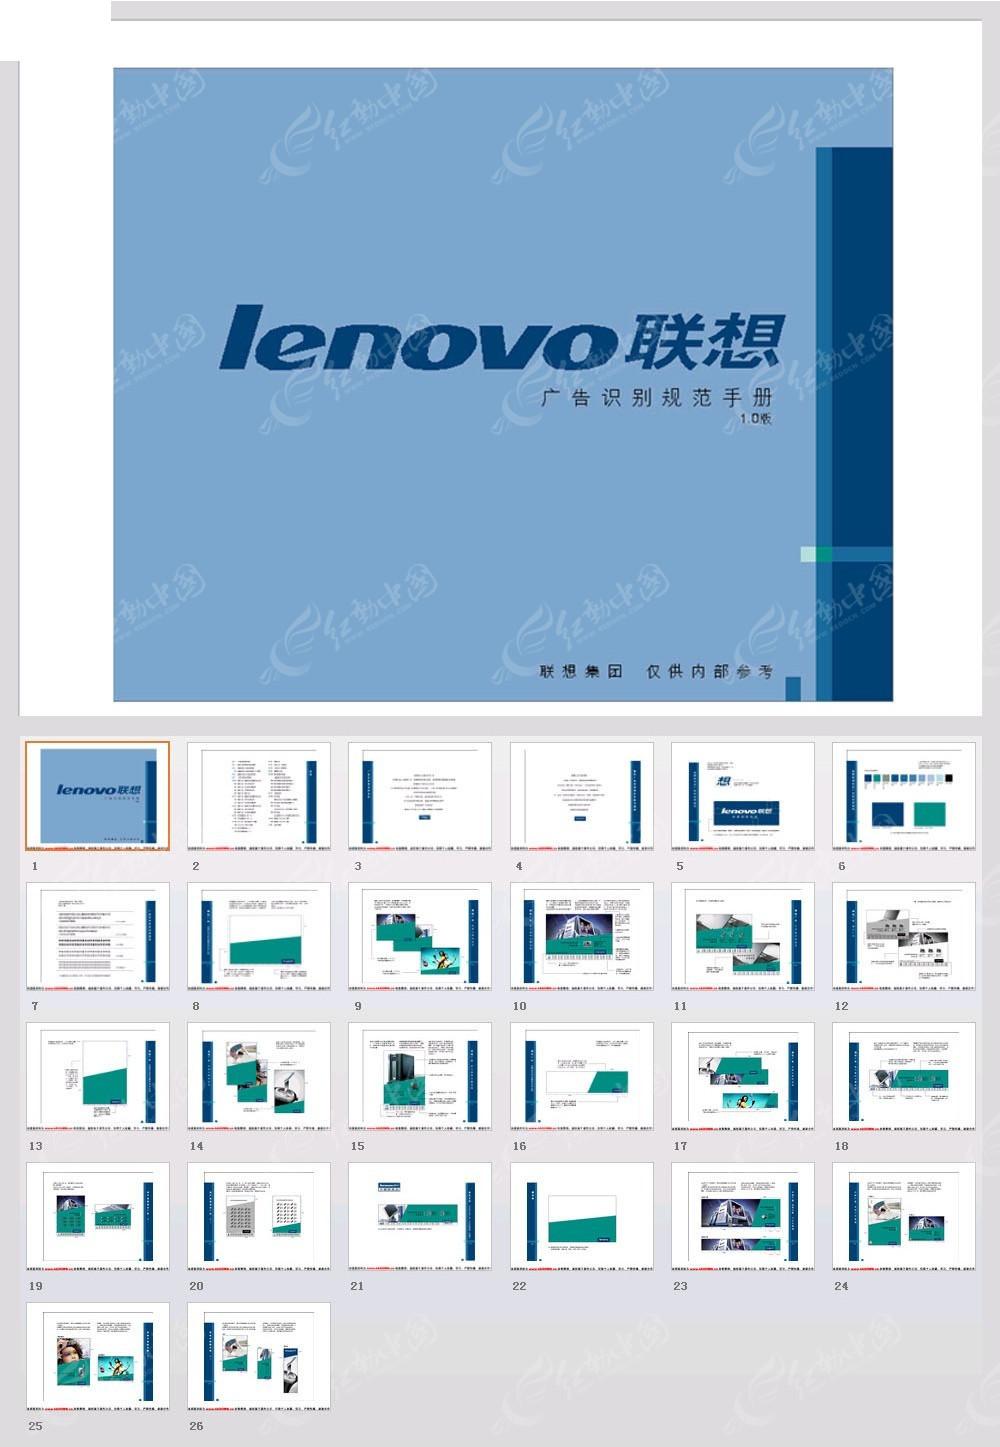 类似联想_lenovo联想广告识别规范手册ppt模板